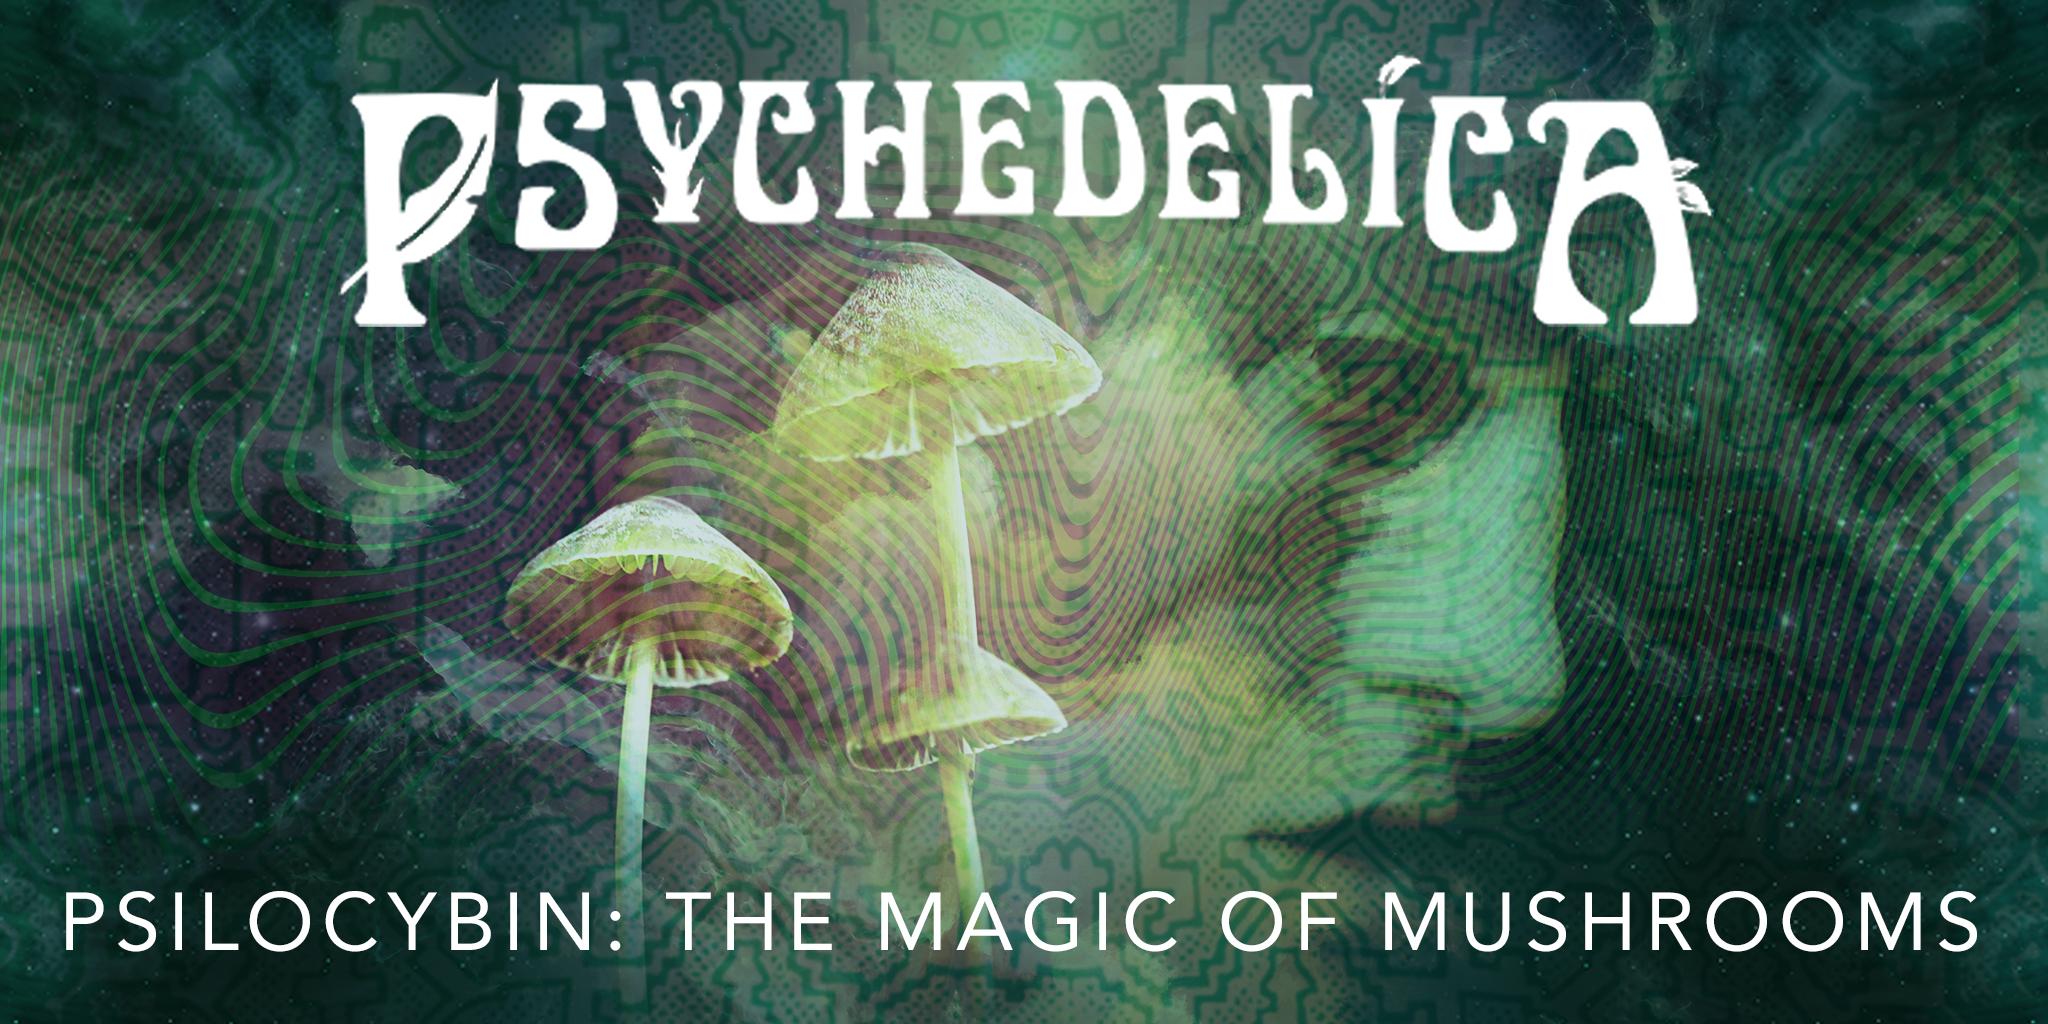 169261_p_e5_psilocybin_the-magic-of-mushrooms_2048x1024.jpg